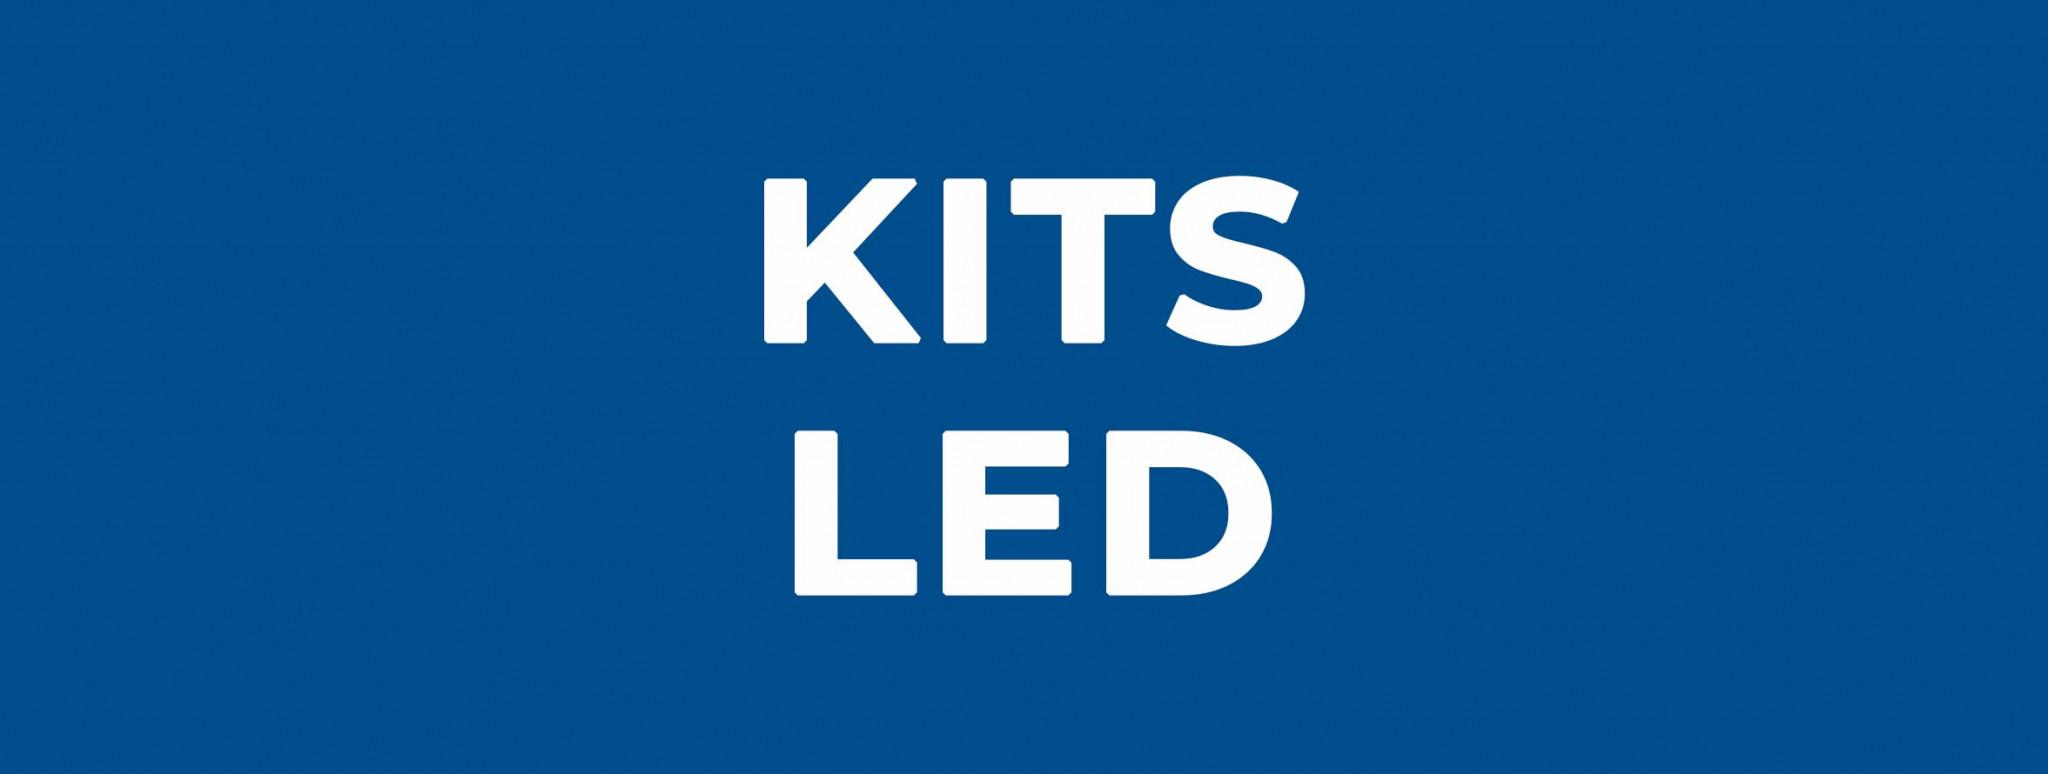 Kits LED